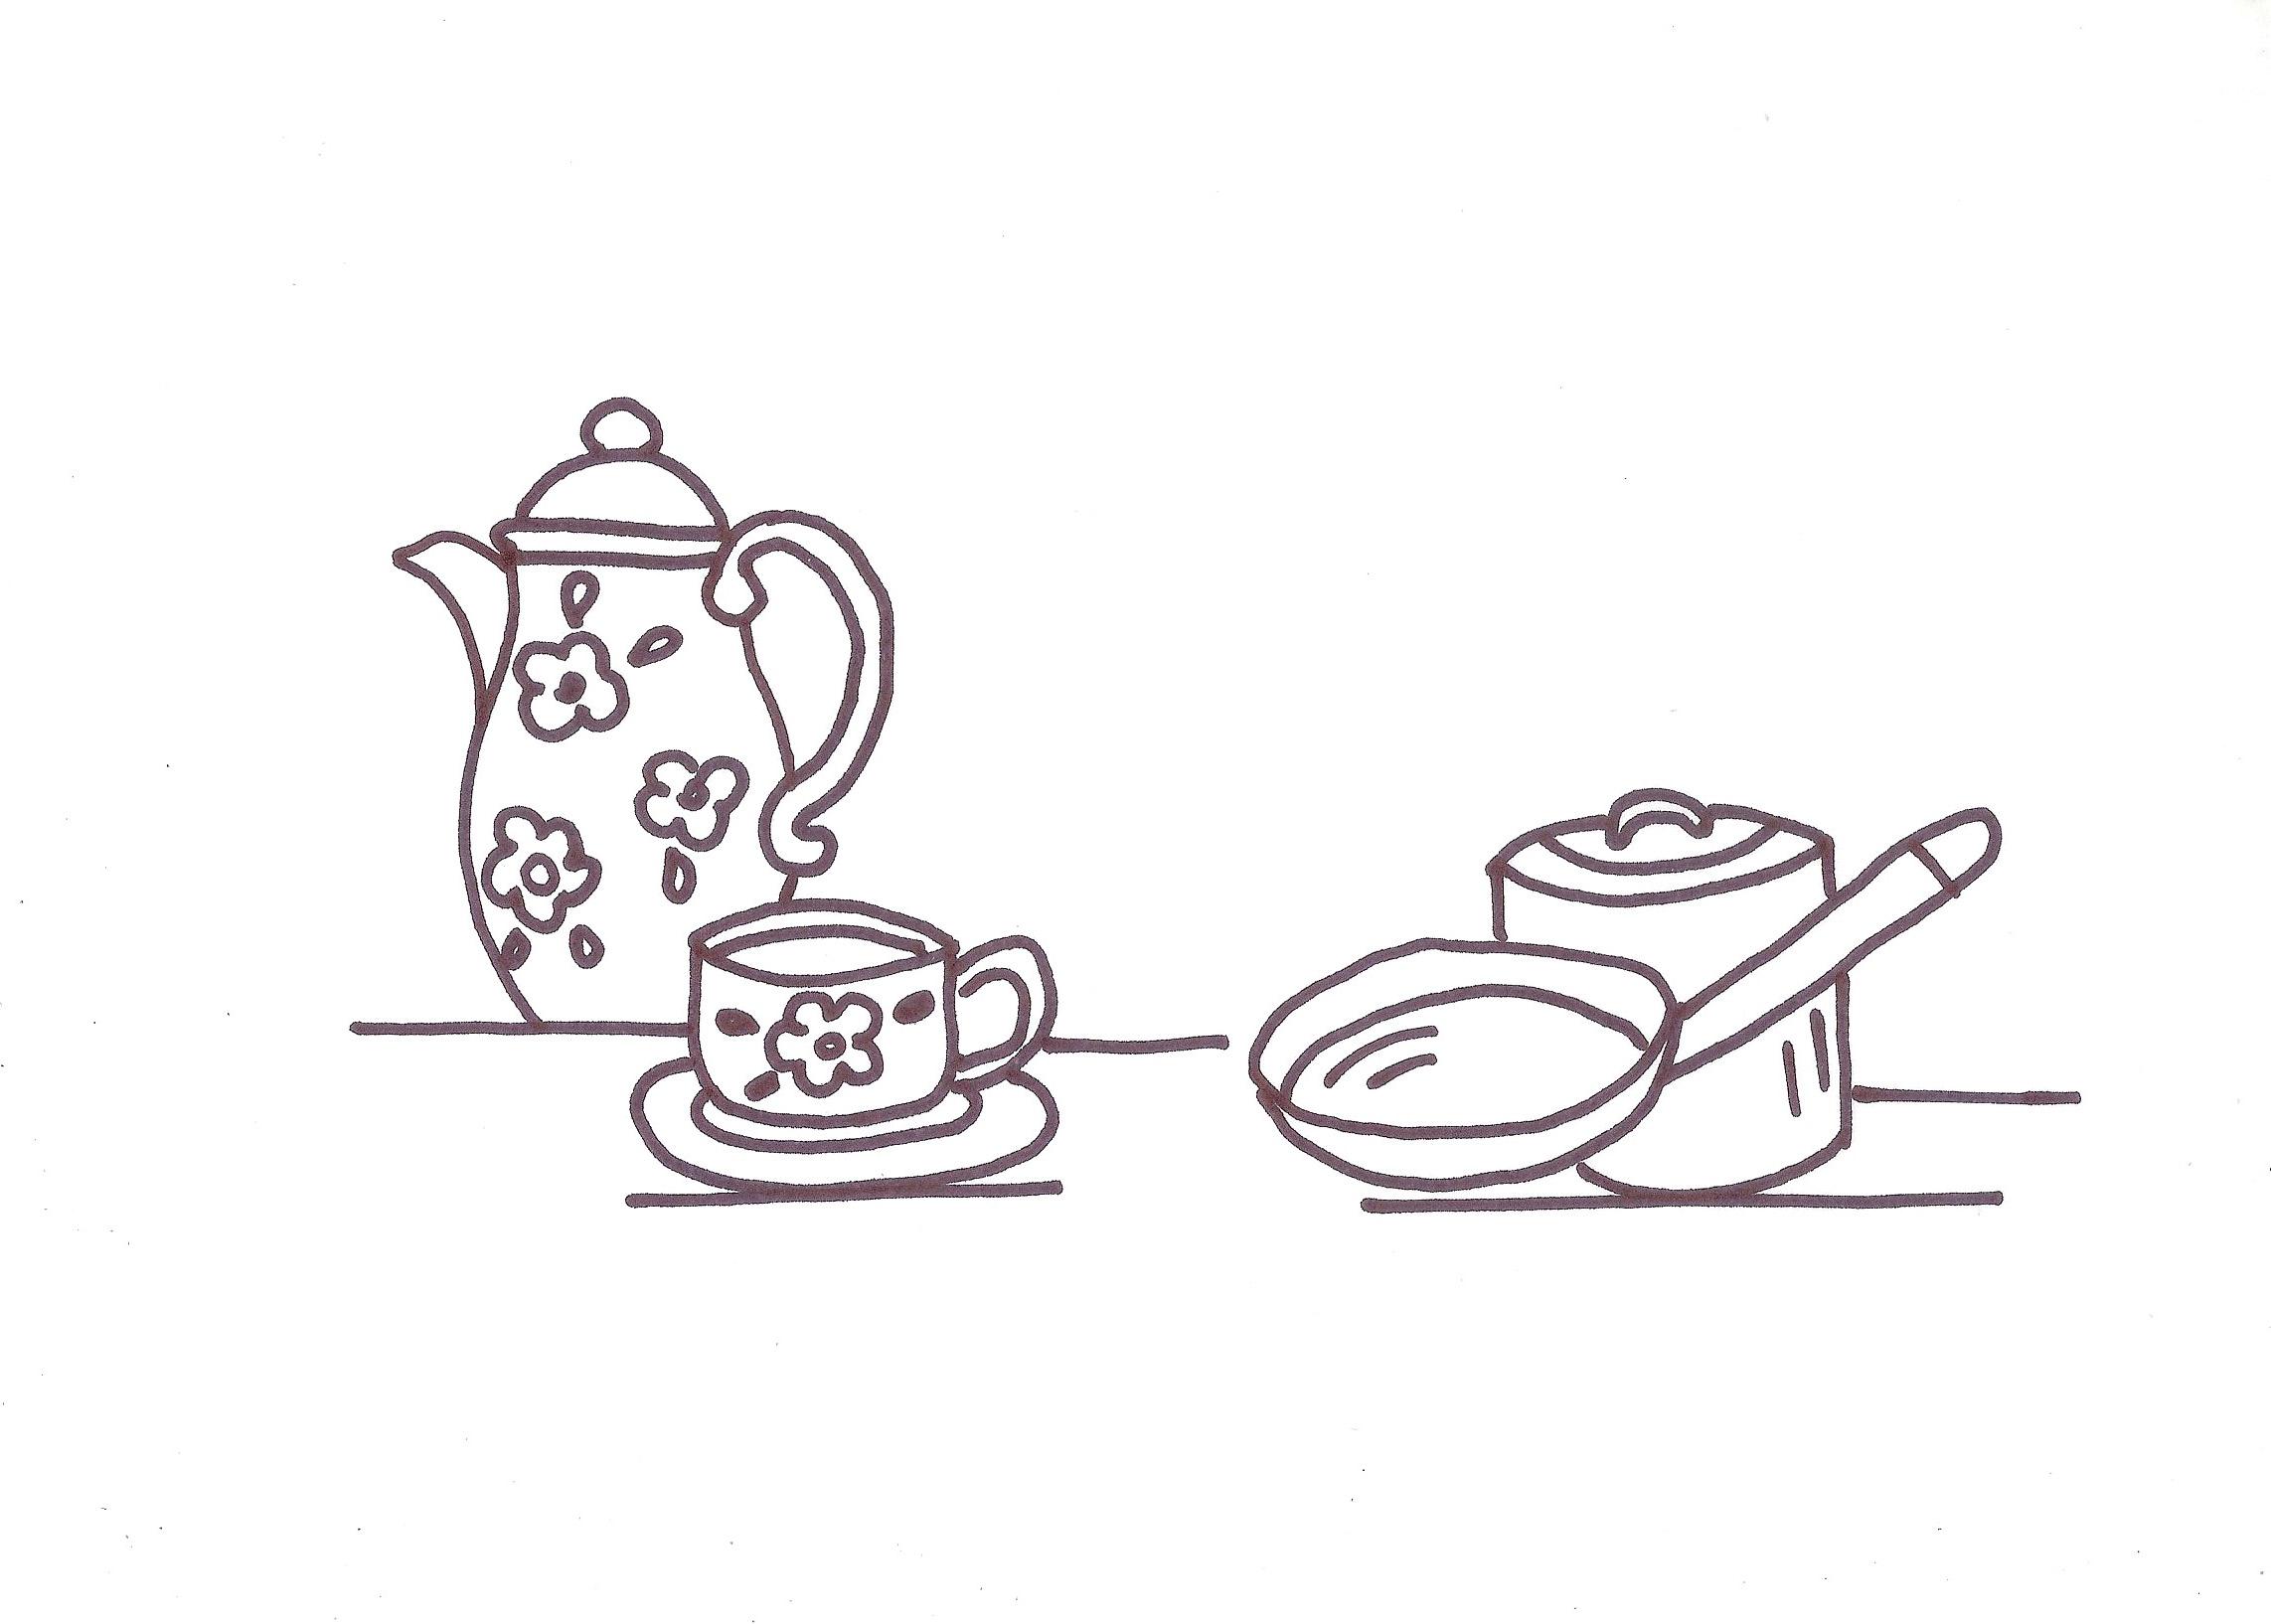 Fresco pap cucina disegni per bambini da colorare for Disegni da colorare cucina